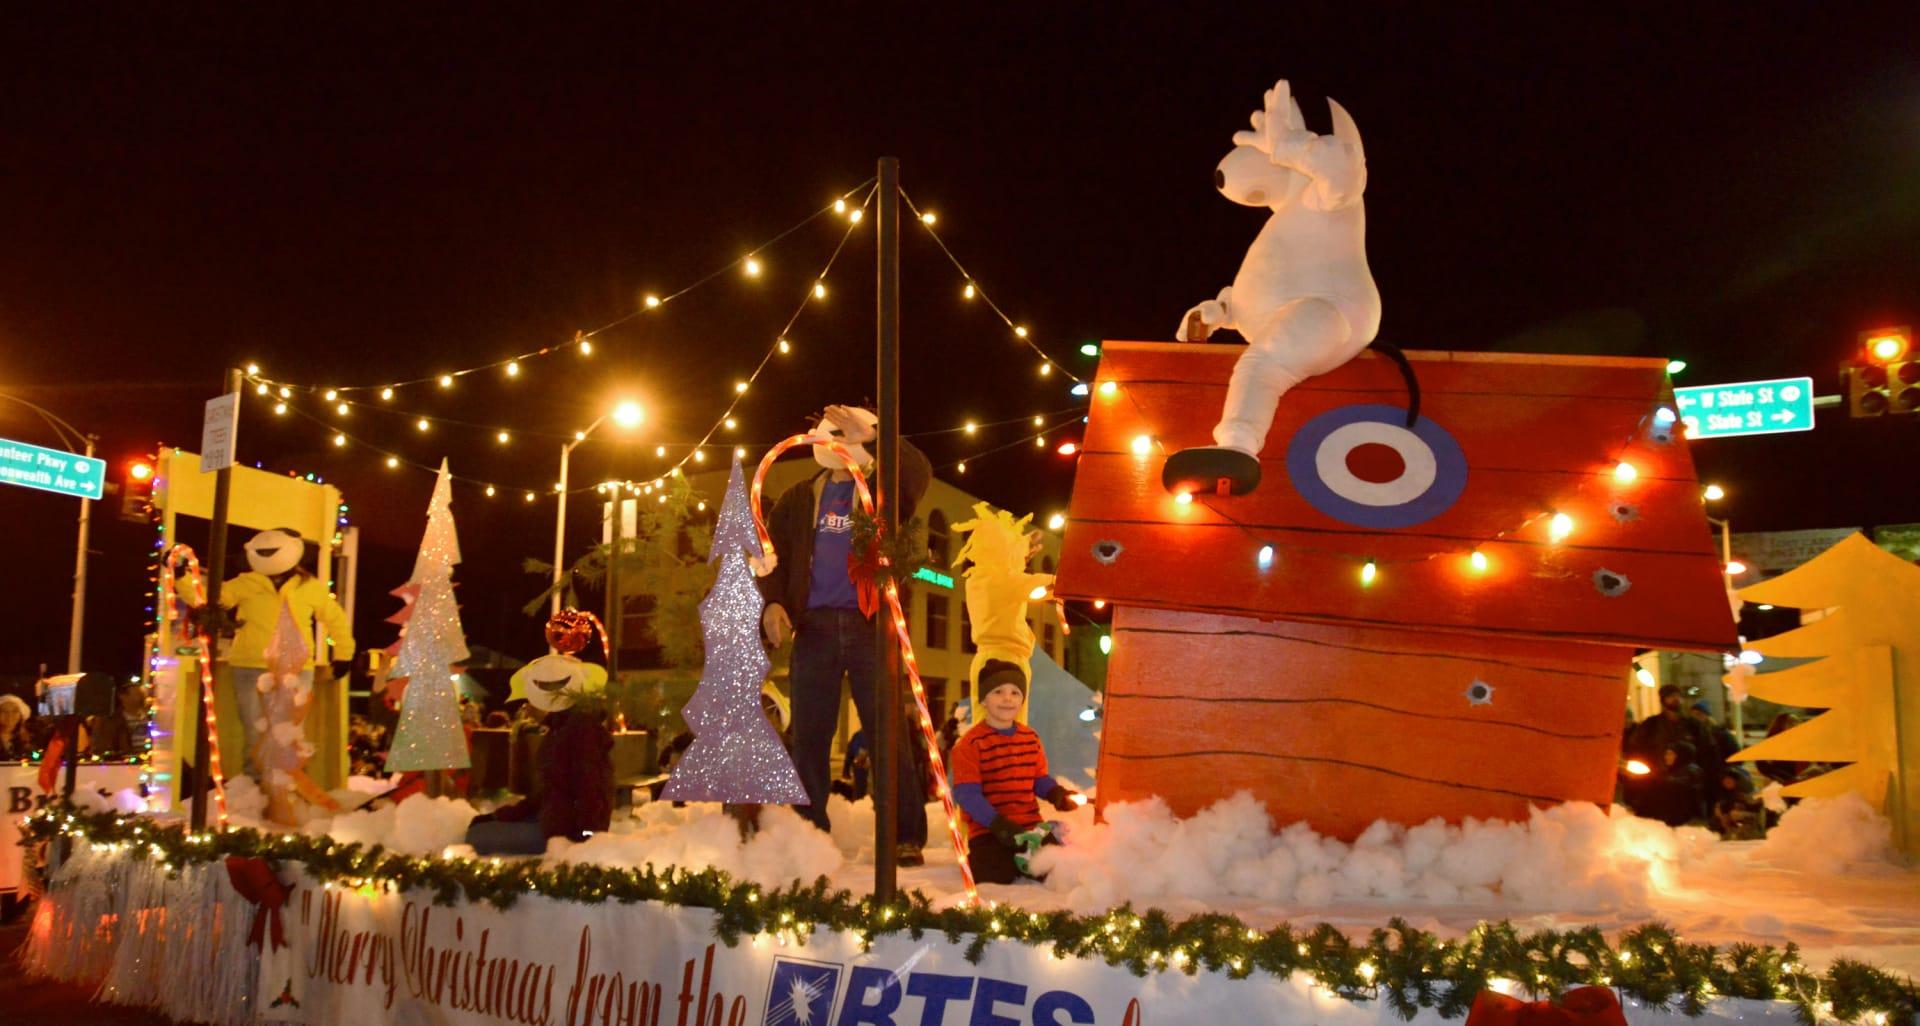 BHC-12082017-Bristol-Christmas-Parade-03-w1920.jpg